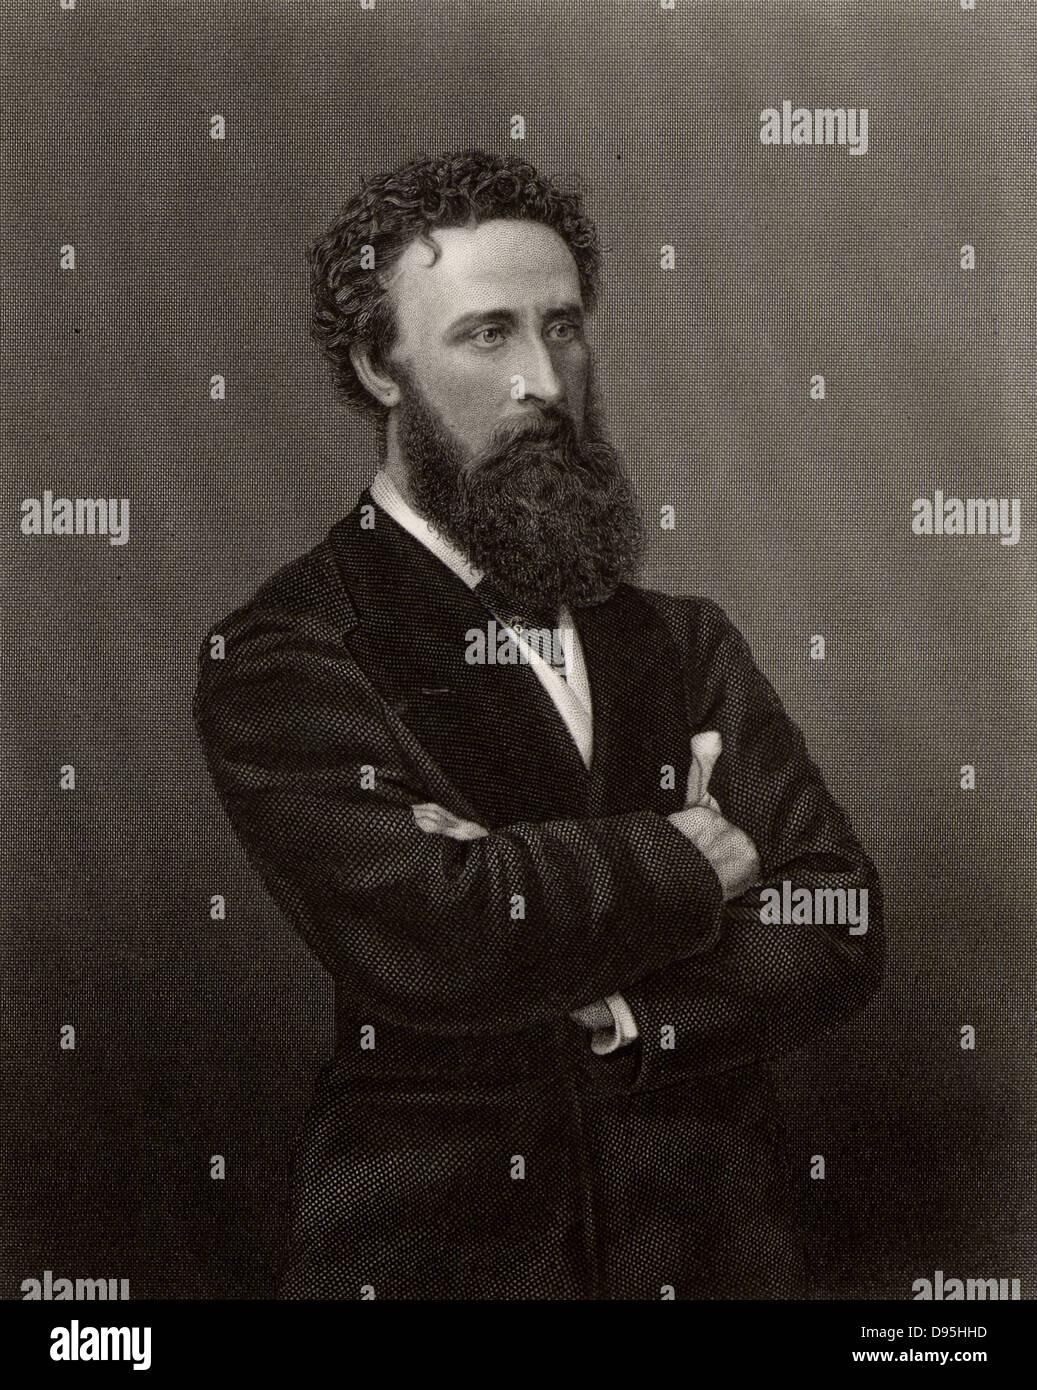 Edward Robert, premier comte de Lytton (1831-1891) Homme d'État britannique, romancier et poète. Vice-roi de l'Inde 1876-1880. Poèmes publiés sous pseudonyme Owen Meredith. Gravure c1876. Banque D'Images